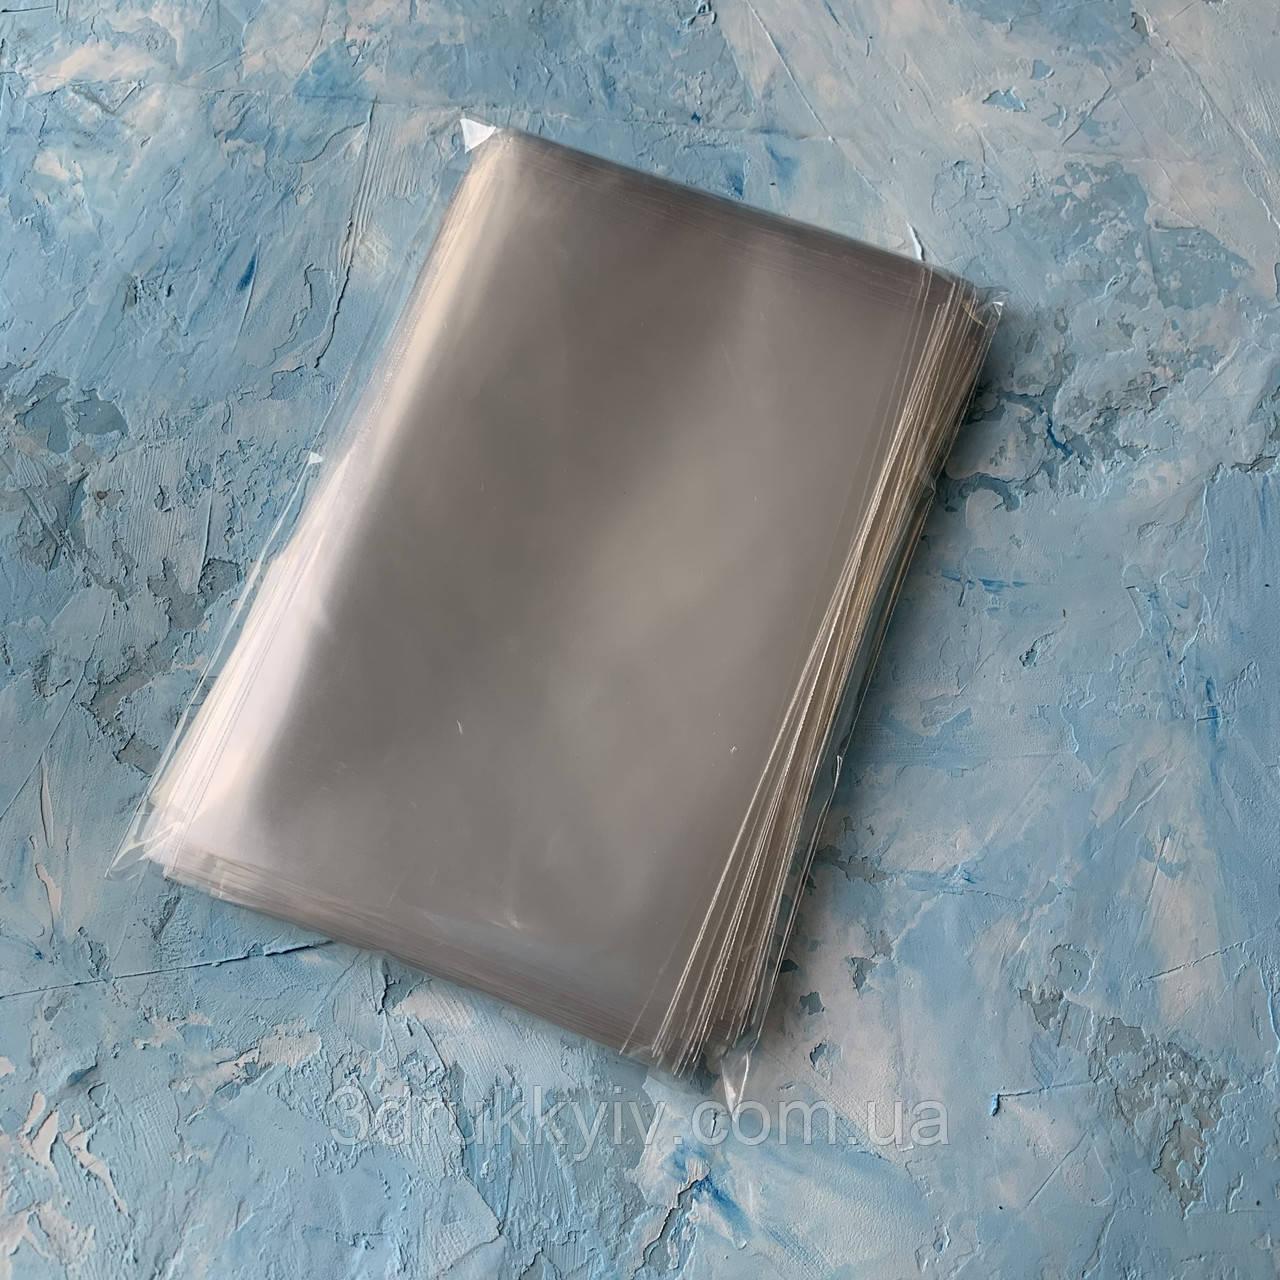 Пакети для льодяників, макаронс, пряників (10х15 см)  / Пакеты для леденцов, макаронс, пряников